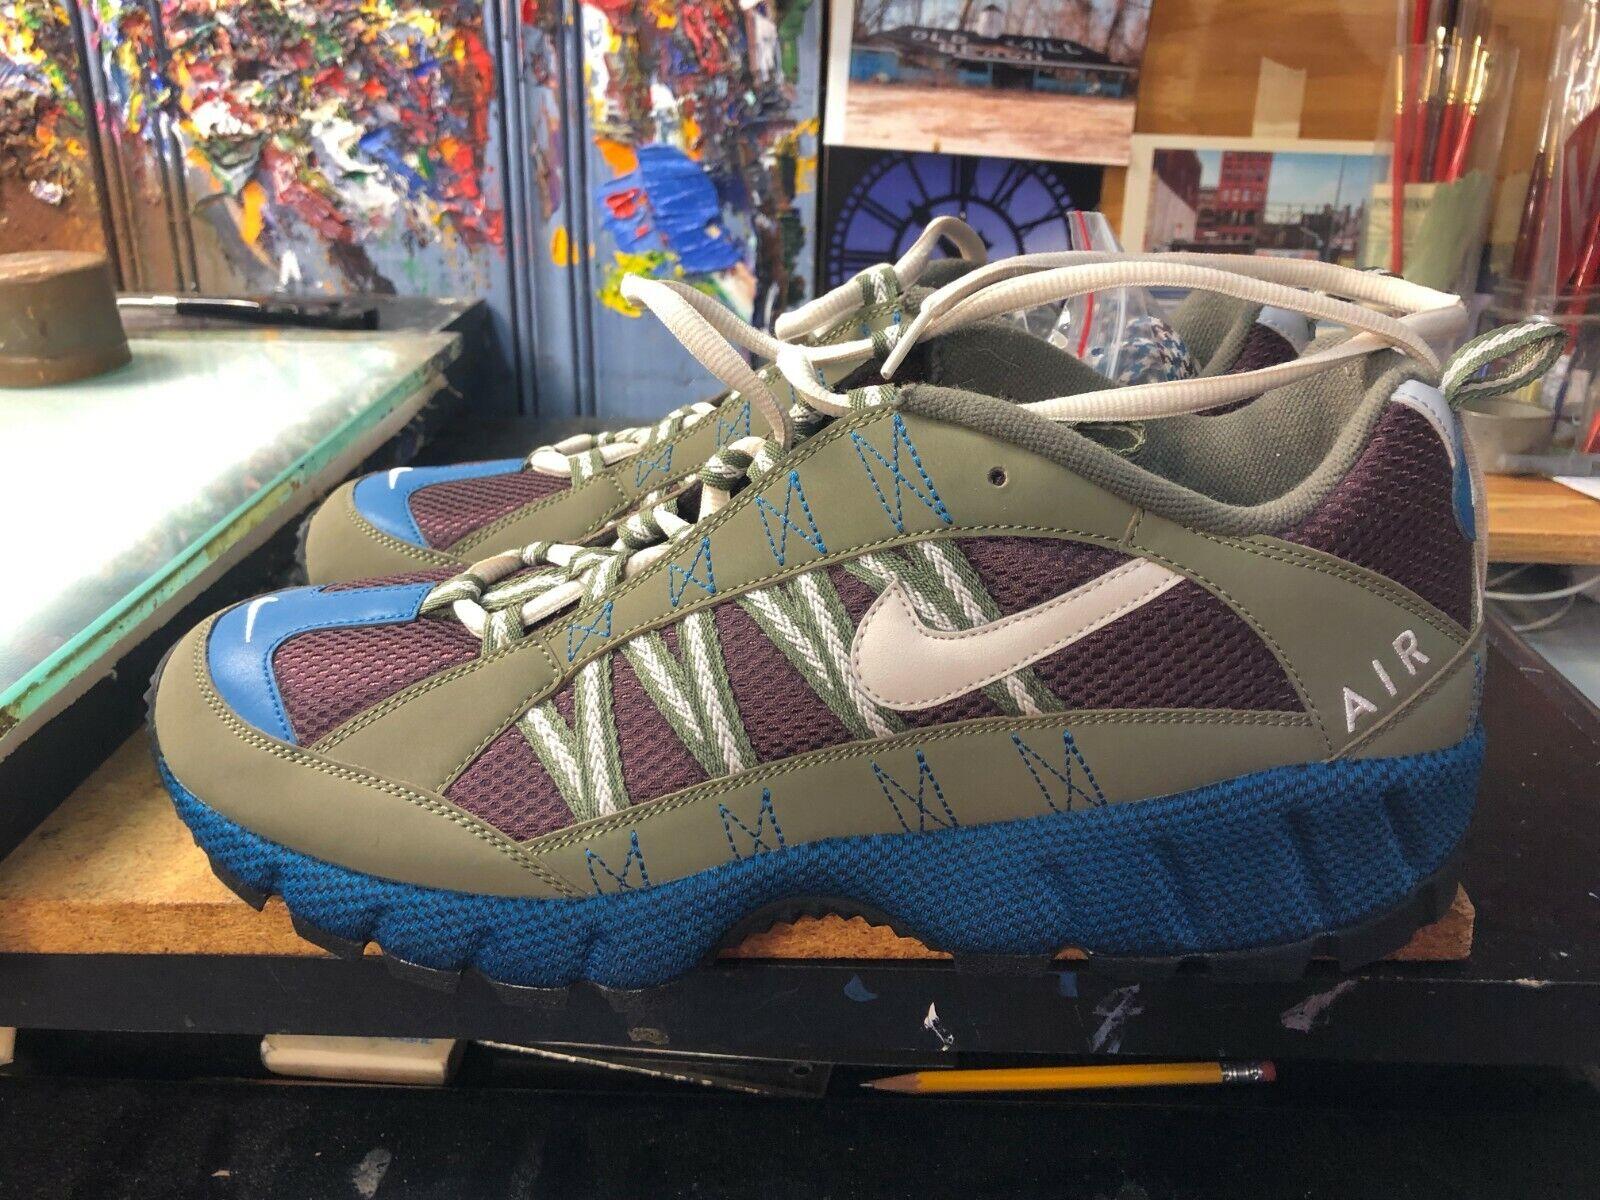 Nike Air Humara '17 Medium Olive Desert Sand Size US 12 Men AJ1102 200 New